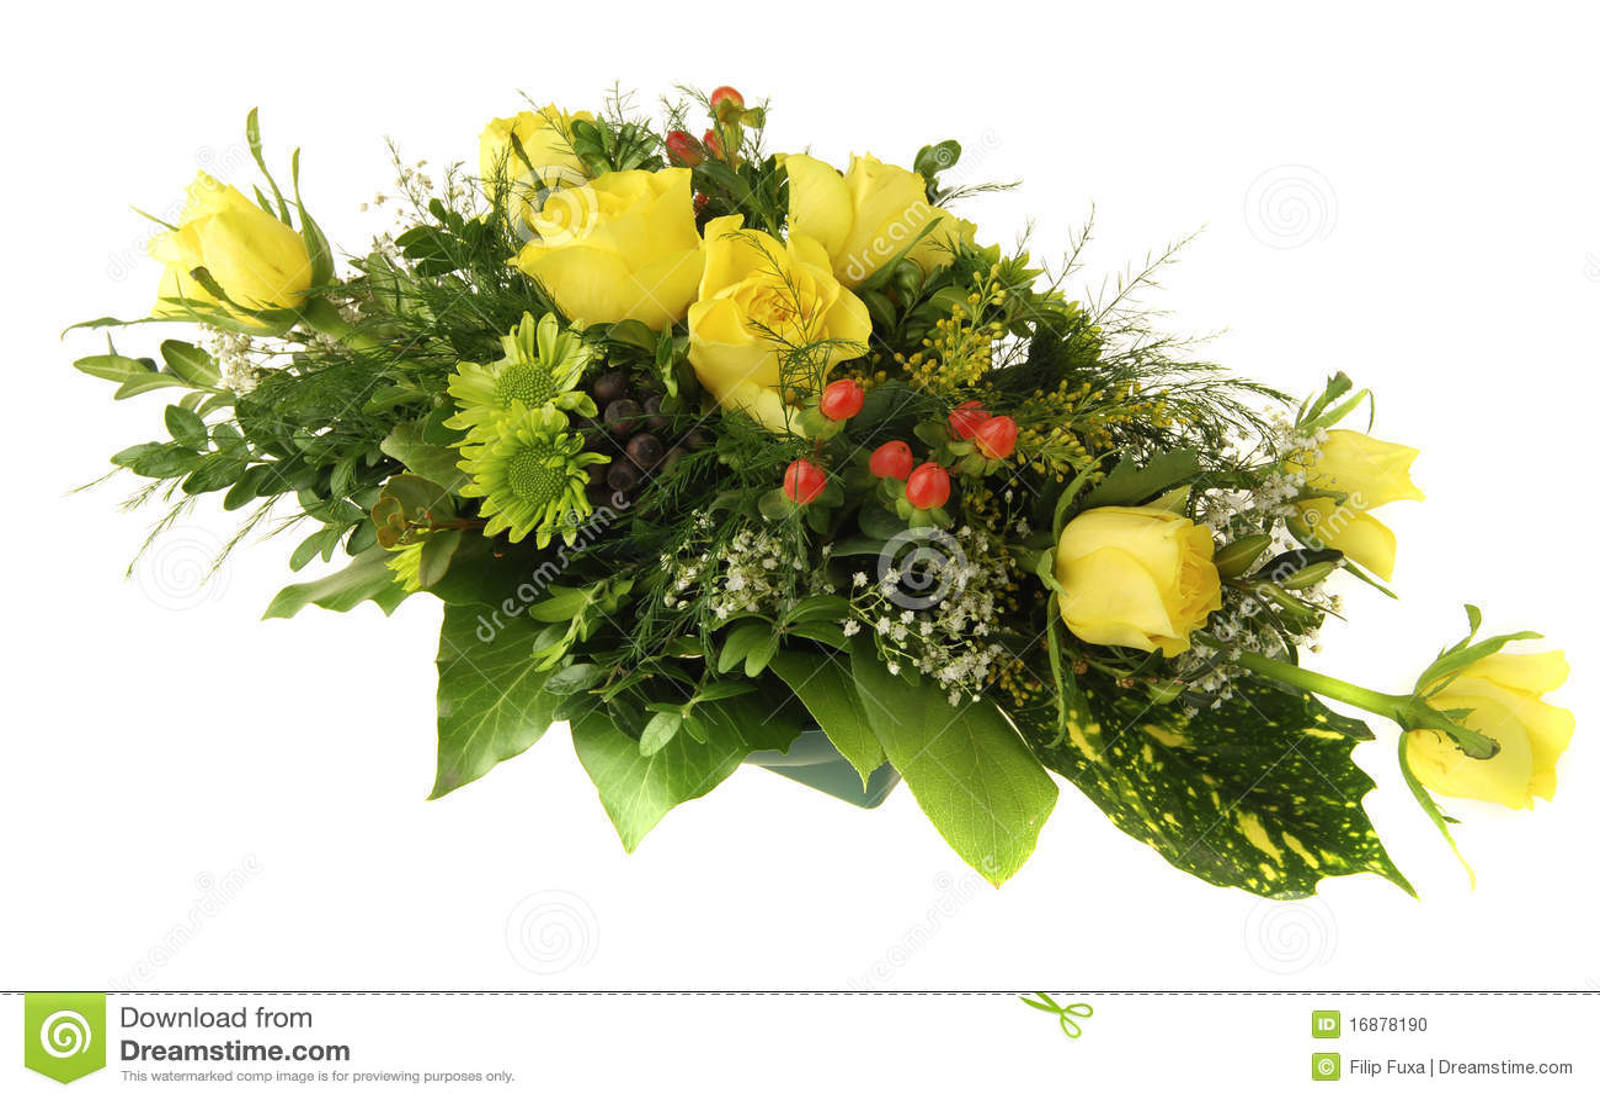 Mazzo del fiore fotografia stock immagine di dettagliato for Progetti di costruzione del mazzo